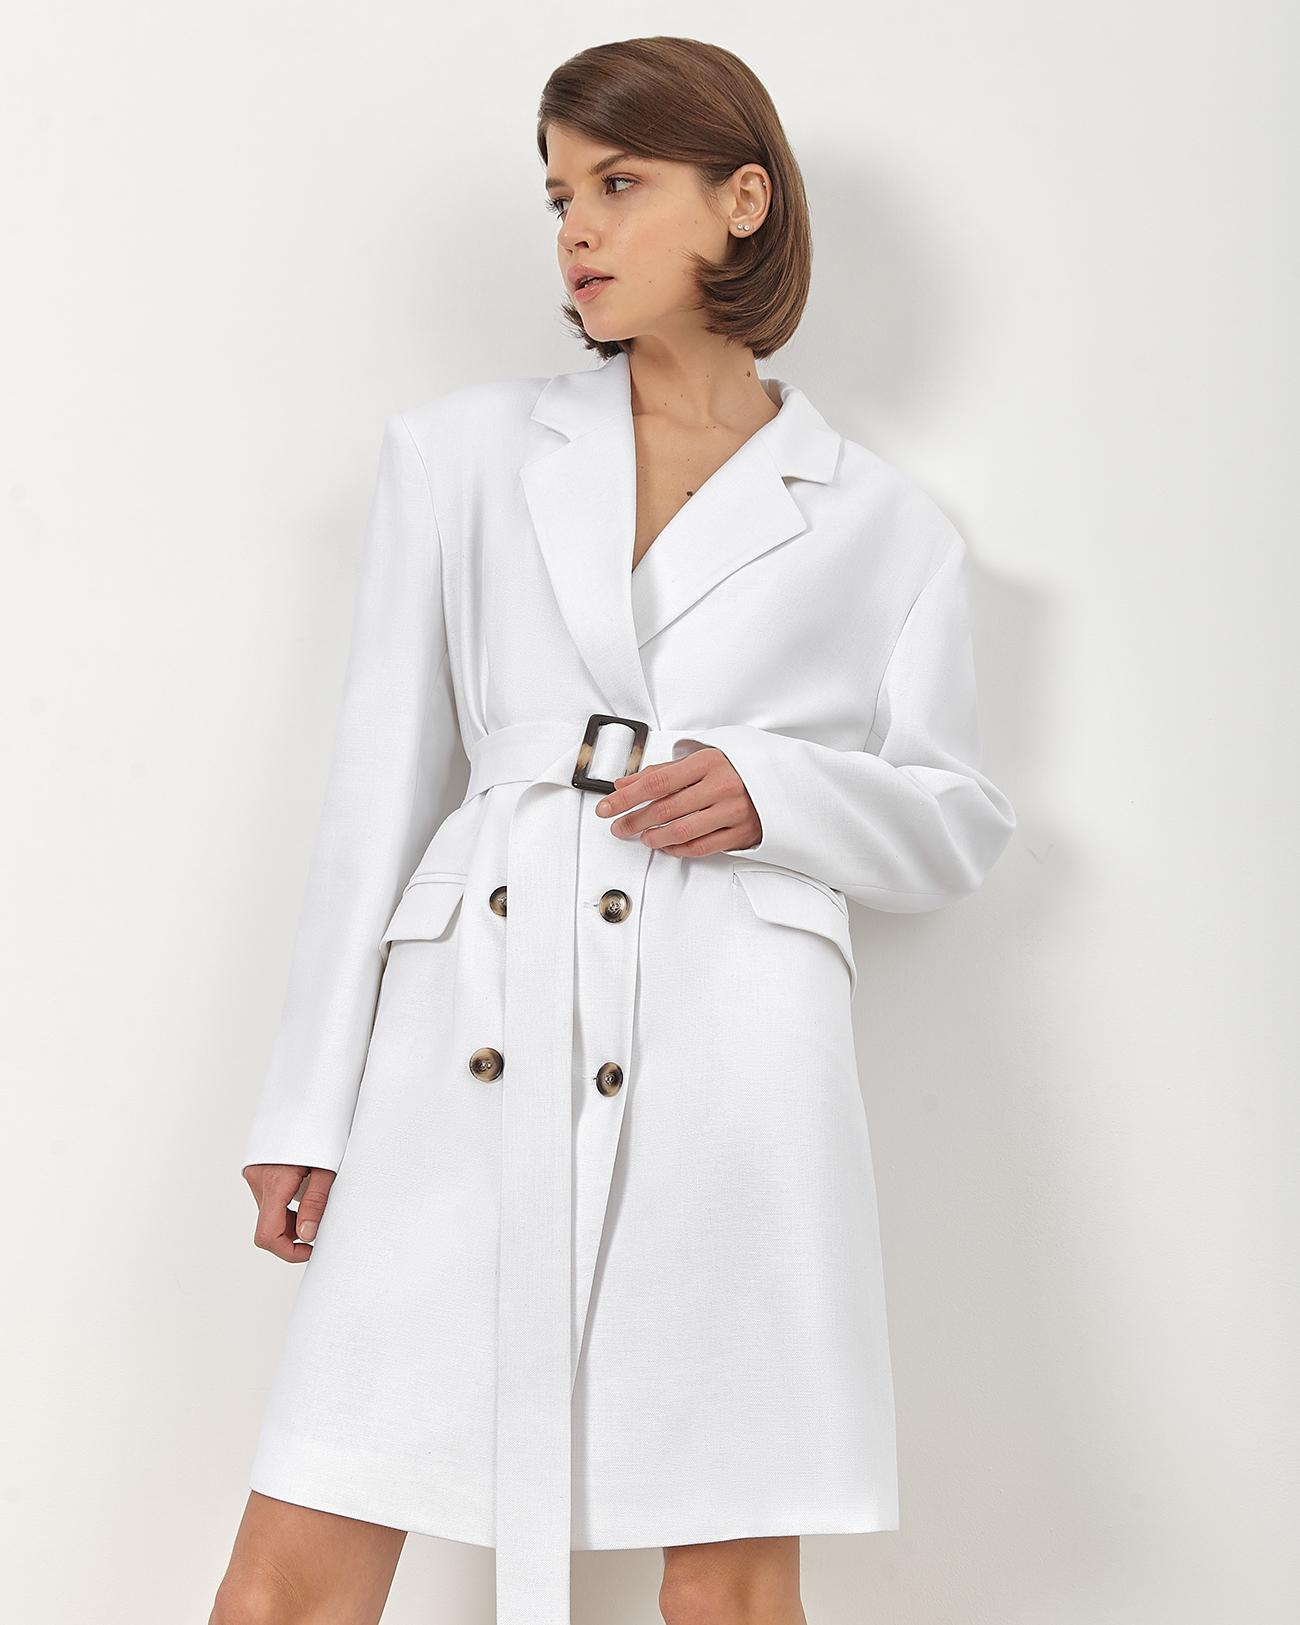 Платье-жакет изо льна белого цвета фото